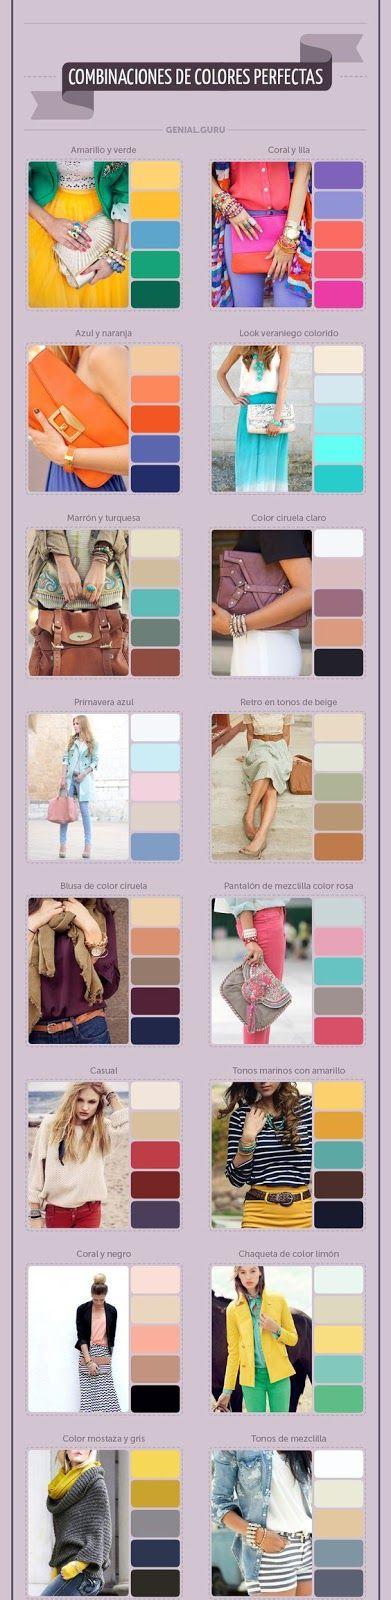 Cuestita: Combinaciones de colores perfectas